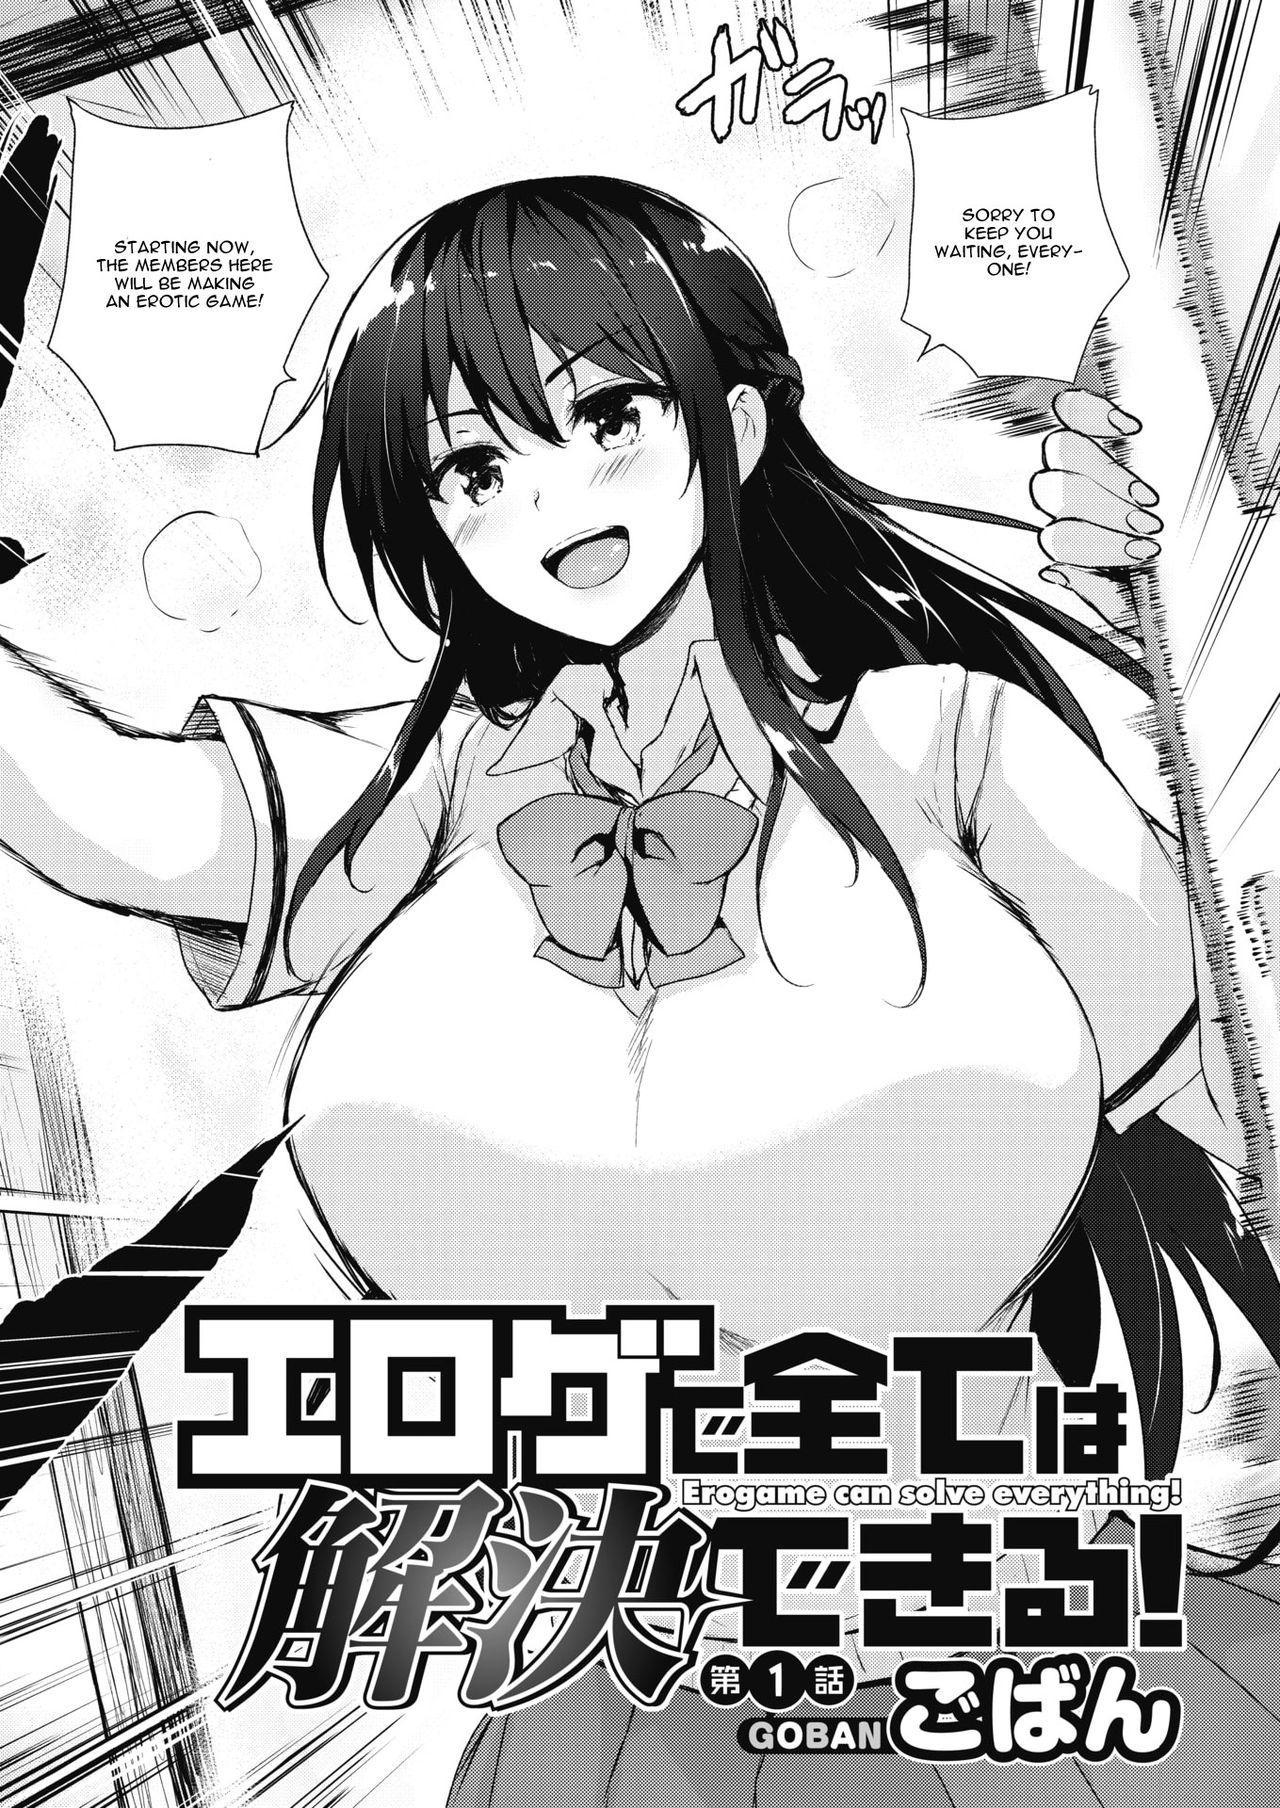 Eroge de Subete wa Kaiketsu Dekiru! Ch. 1 1